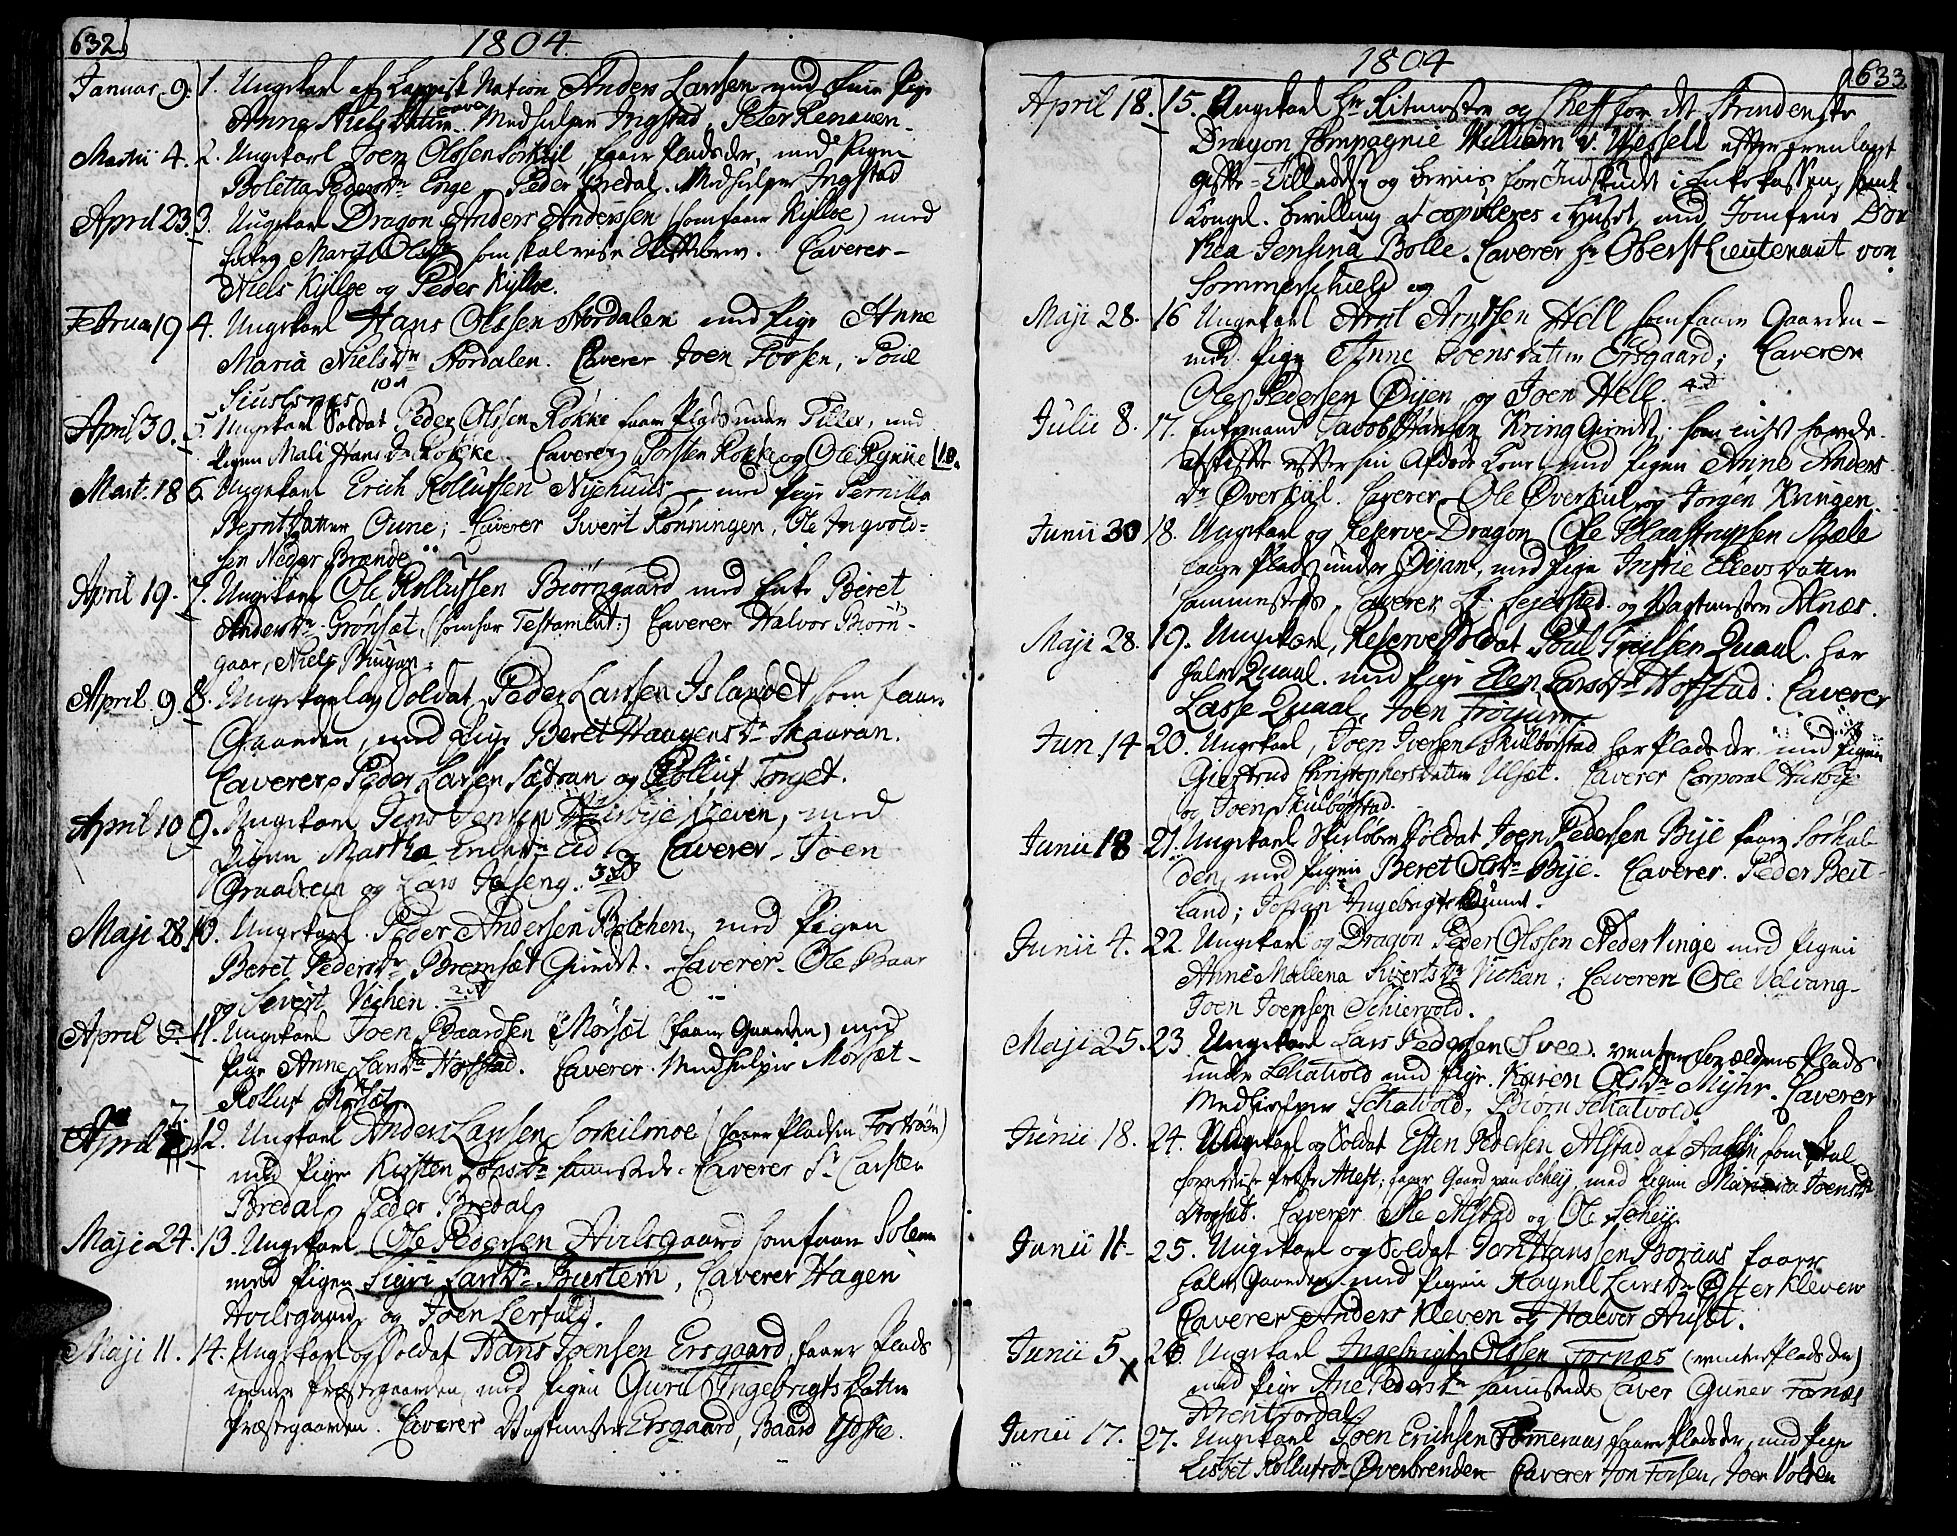 SAT, Ministerialprotokoller, klokkerbøker og fødselsregistre - Nord-Trøndelag, 709/L0060: Ministerialbok nr. 709A07, 1797-1815, s. 632-633